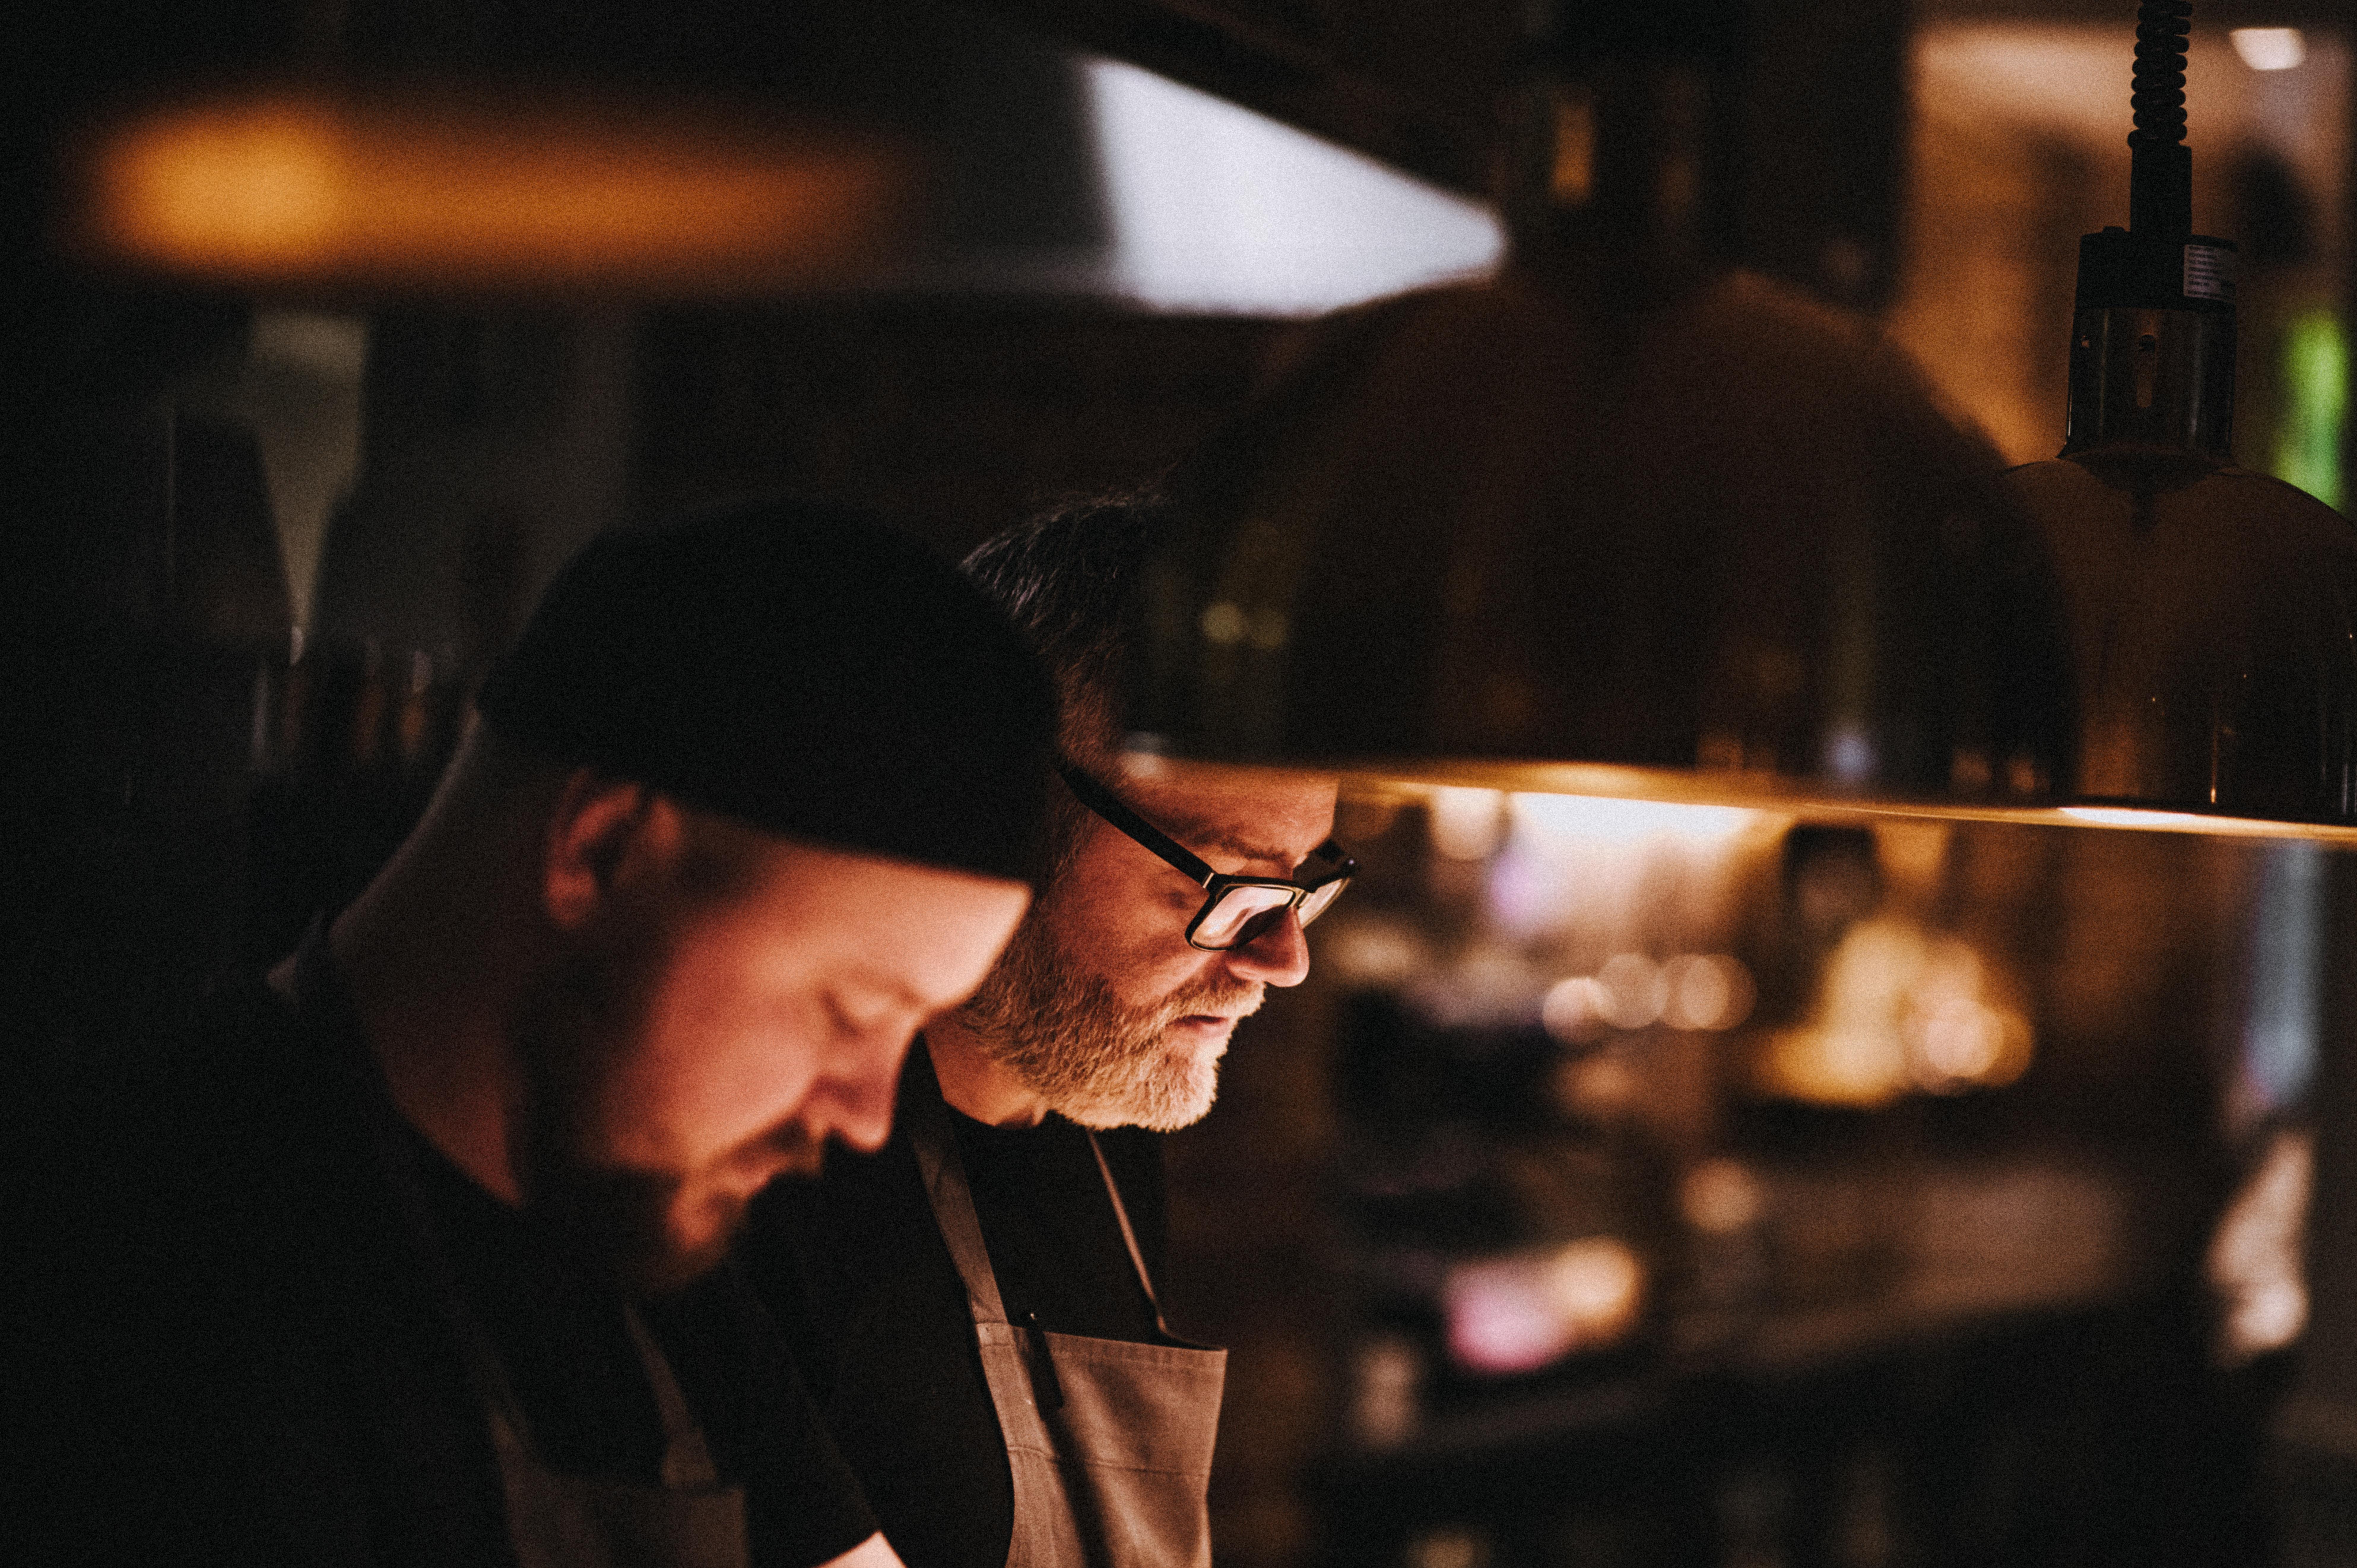 Our Team - Brigade Bar & Kitchen